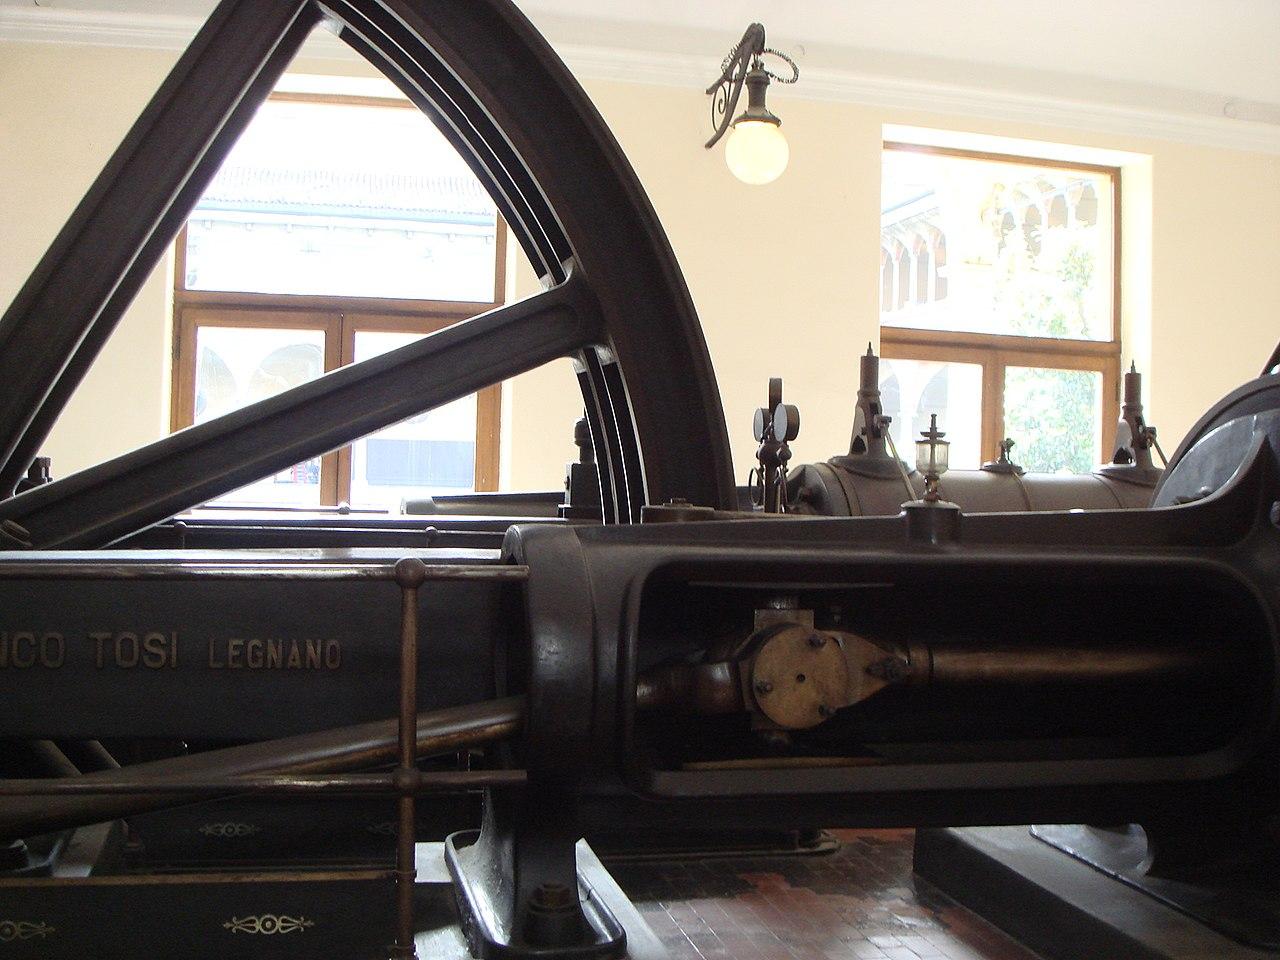 Museo Scienza E Tecnica.File 3421 Milano Museo Scienza E Tecnica Foto Giovanni Dall